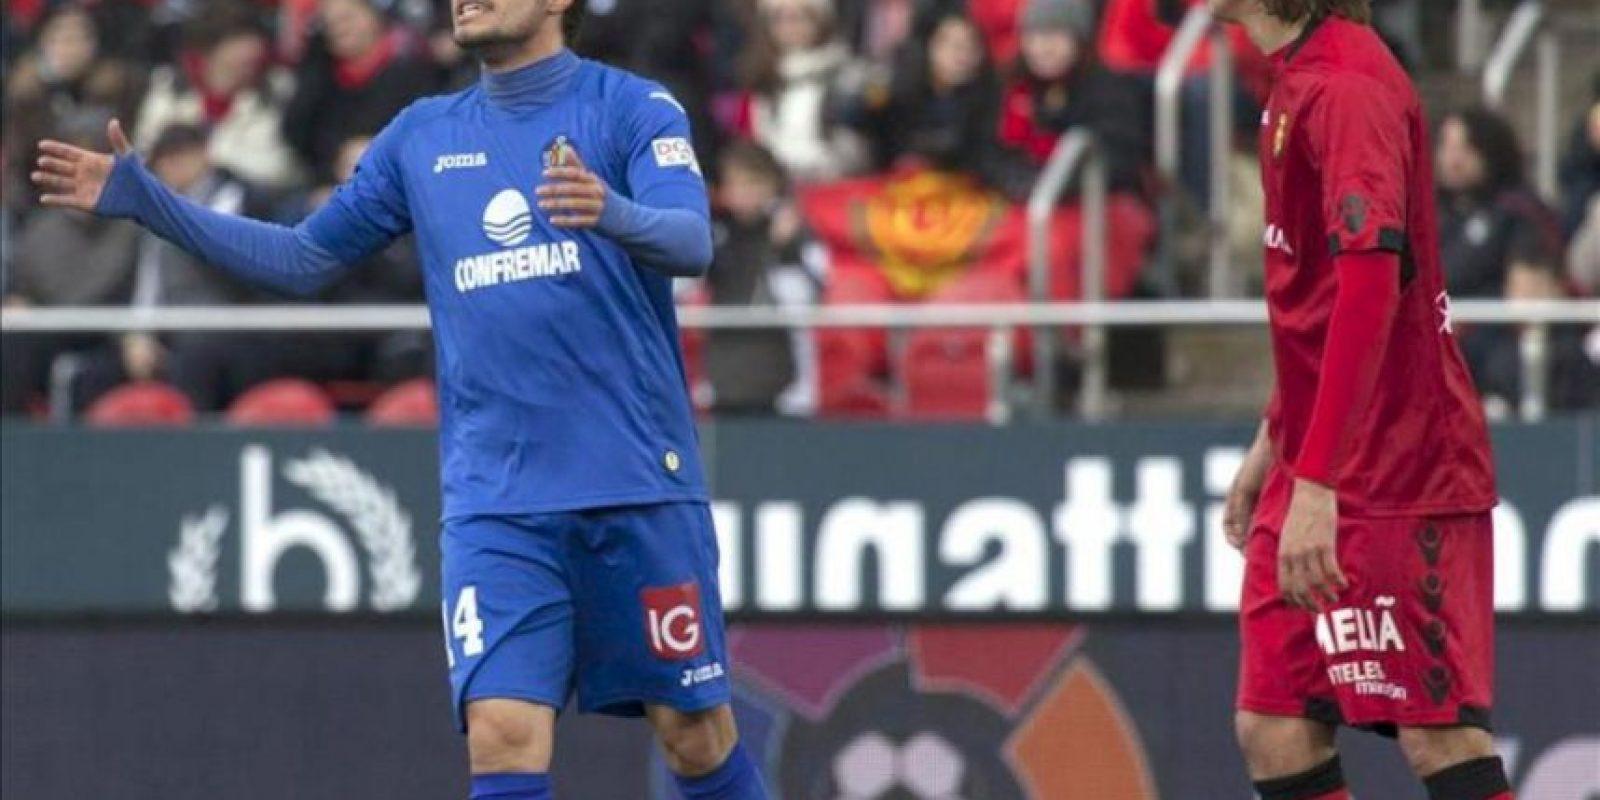 El centrocampista del Getafe Pedro León (i) se lamenta de una acción fallida ante el RCD Mallorca durante el partido de la vigésimo quinta jornada de Liga de Primera División, disputado en el estadio Iberostar de Palma de Mallorca. EFE